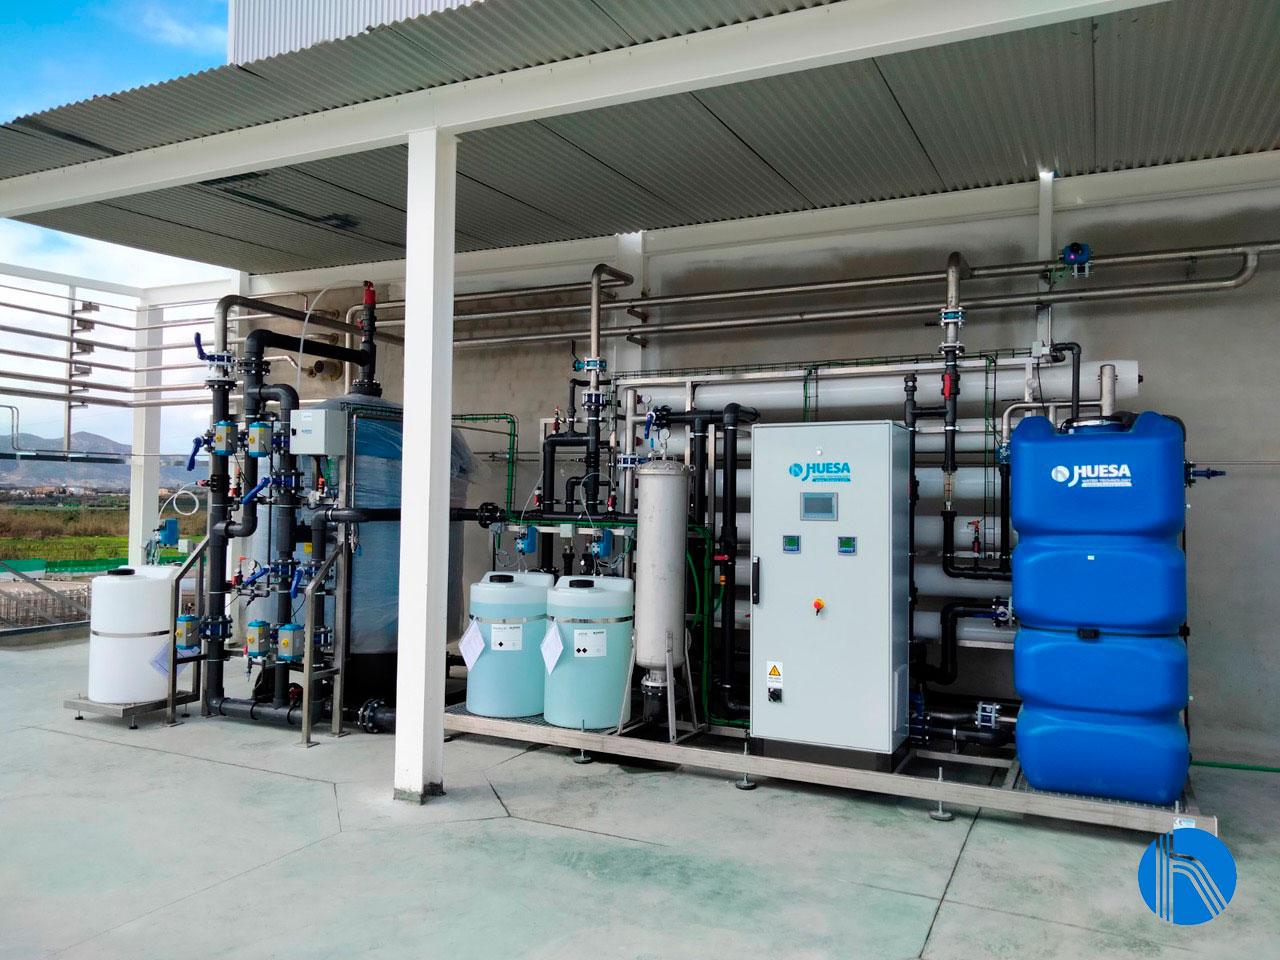 J. Huesa finaliza con éxito la puesta en marcha de una planta de tratamiento de aguas para un matadero